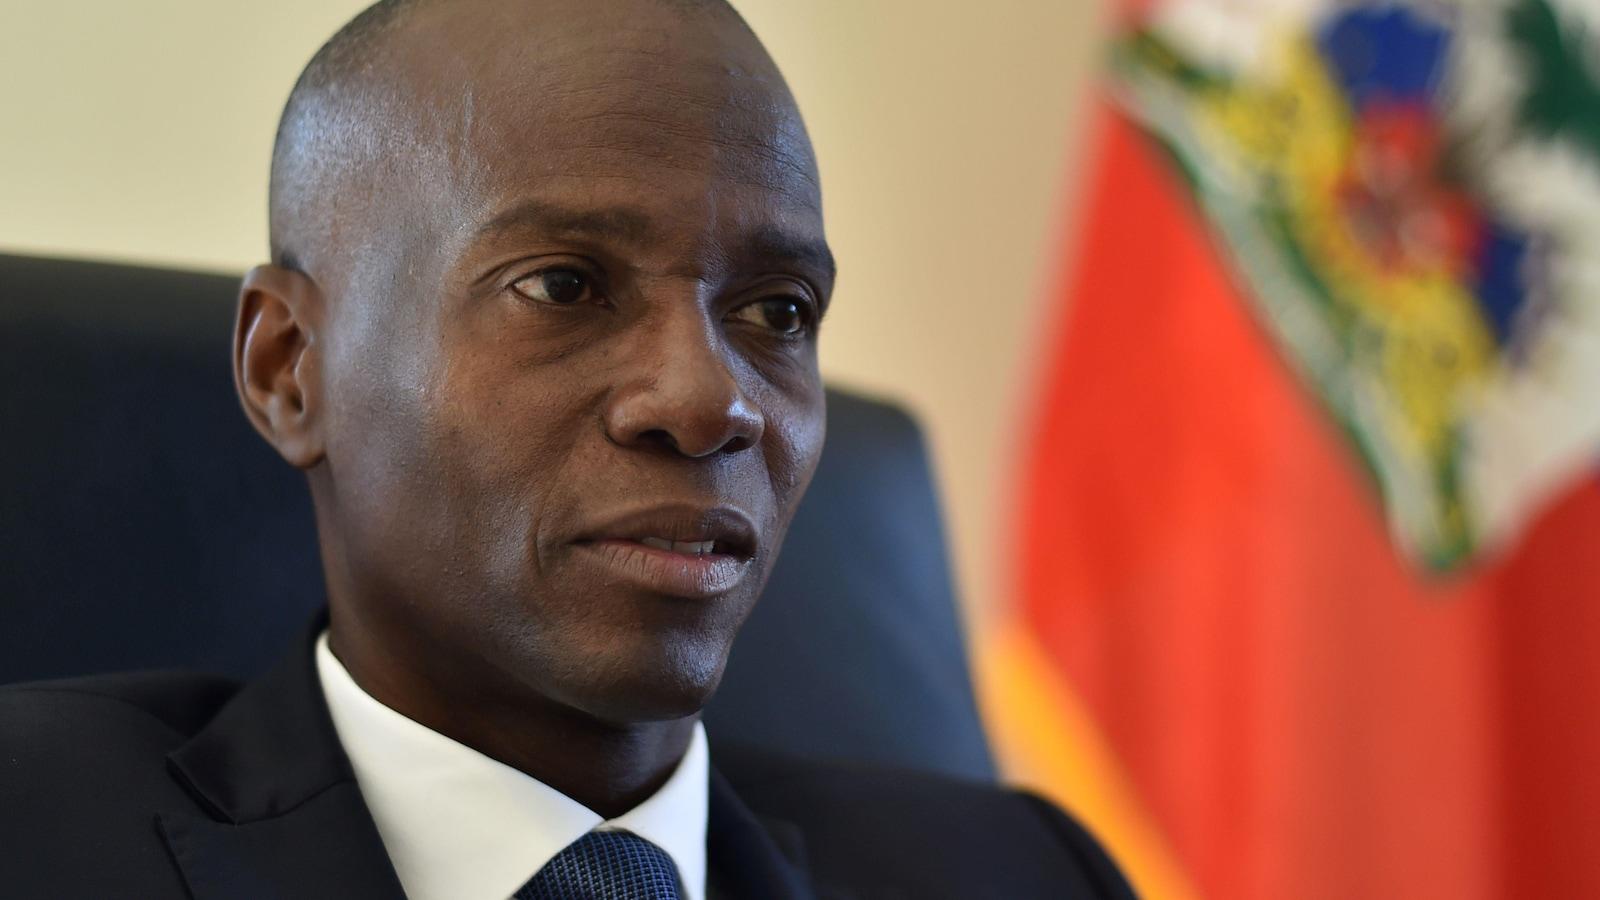 Des manifestations contre la corruption paralysent le pays depuis 10 jours — Haïti